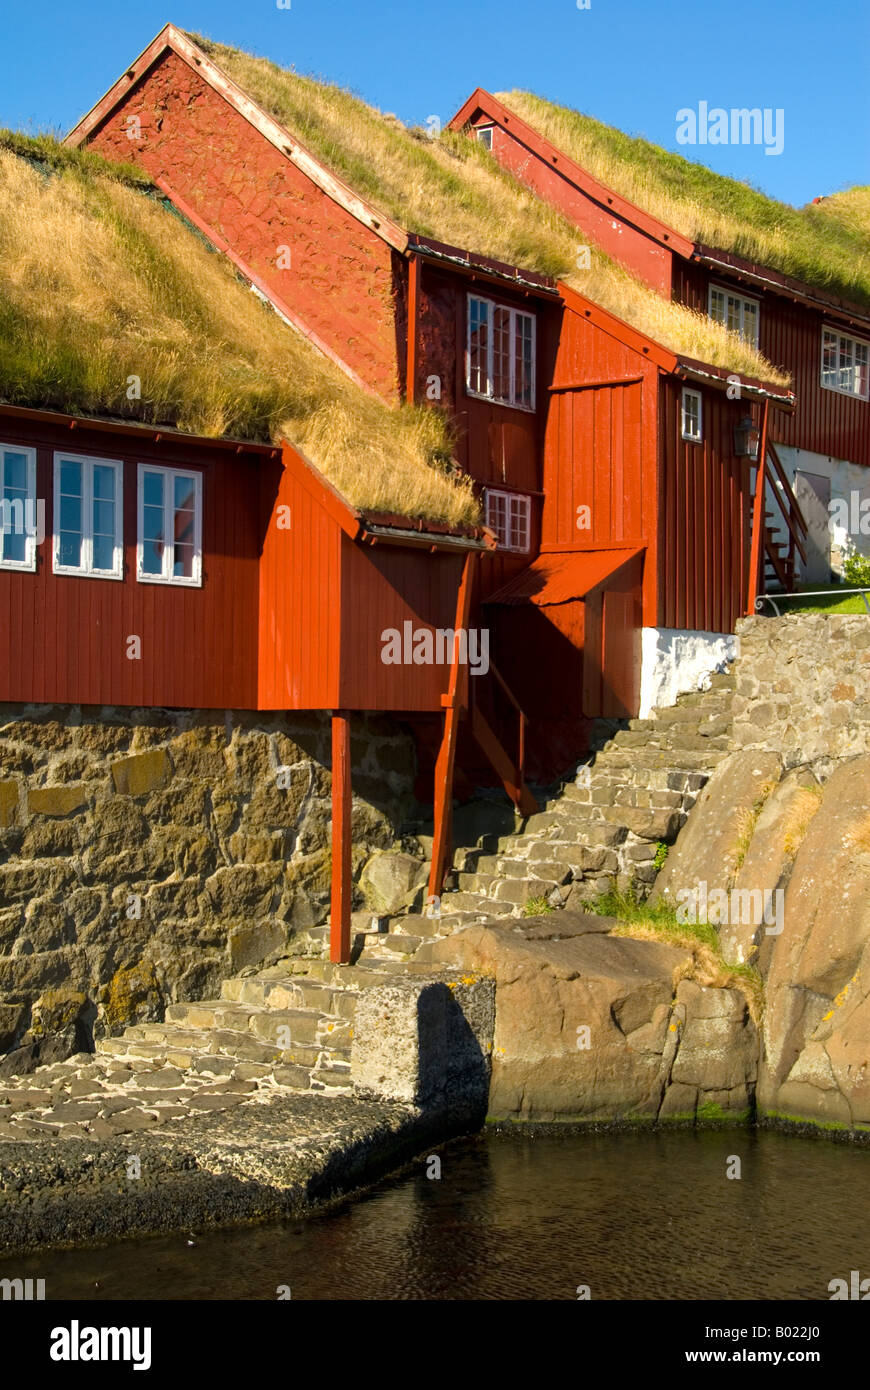 Los edificios de madera en el casco antiguo de Tinganes, Tórshavn, Islas Feroe Imagen De Stock